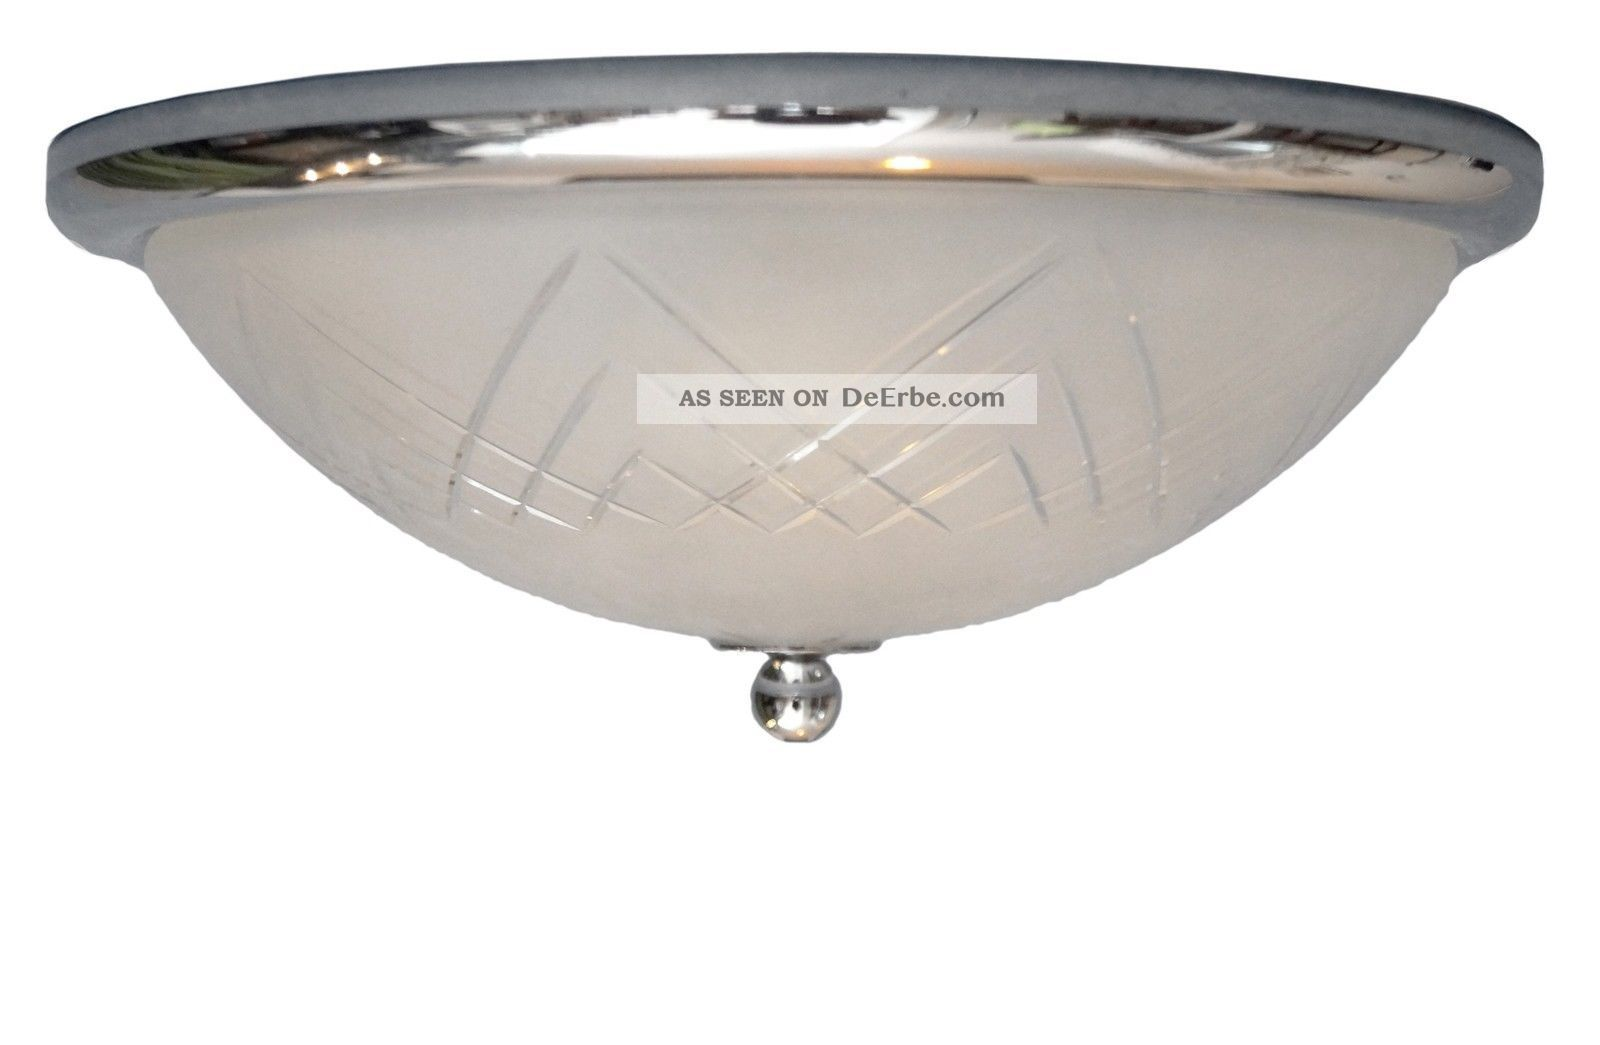 Plafoniere Deckenleuchte : Wunderschöne chrom plafonier plafoniere deckenleuchte deckenlampe